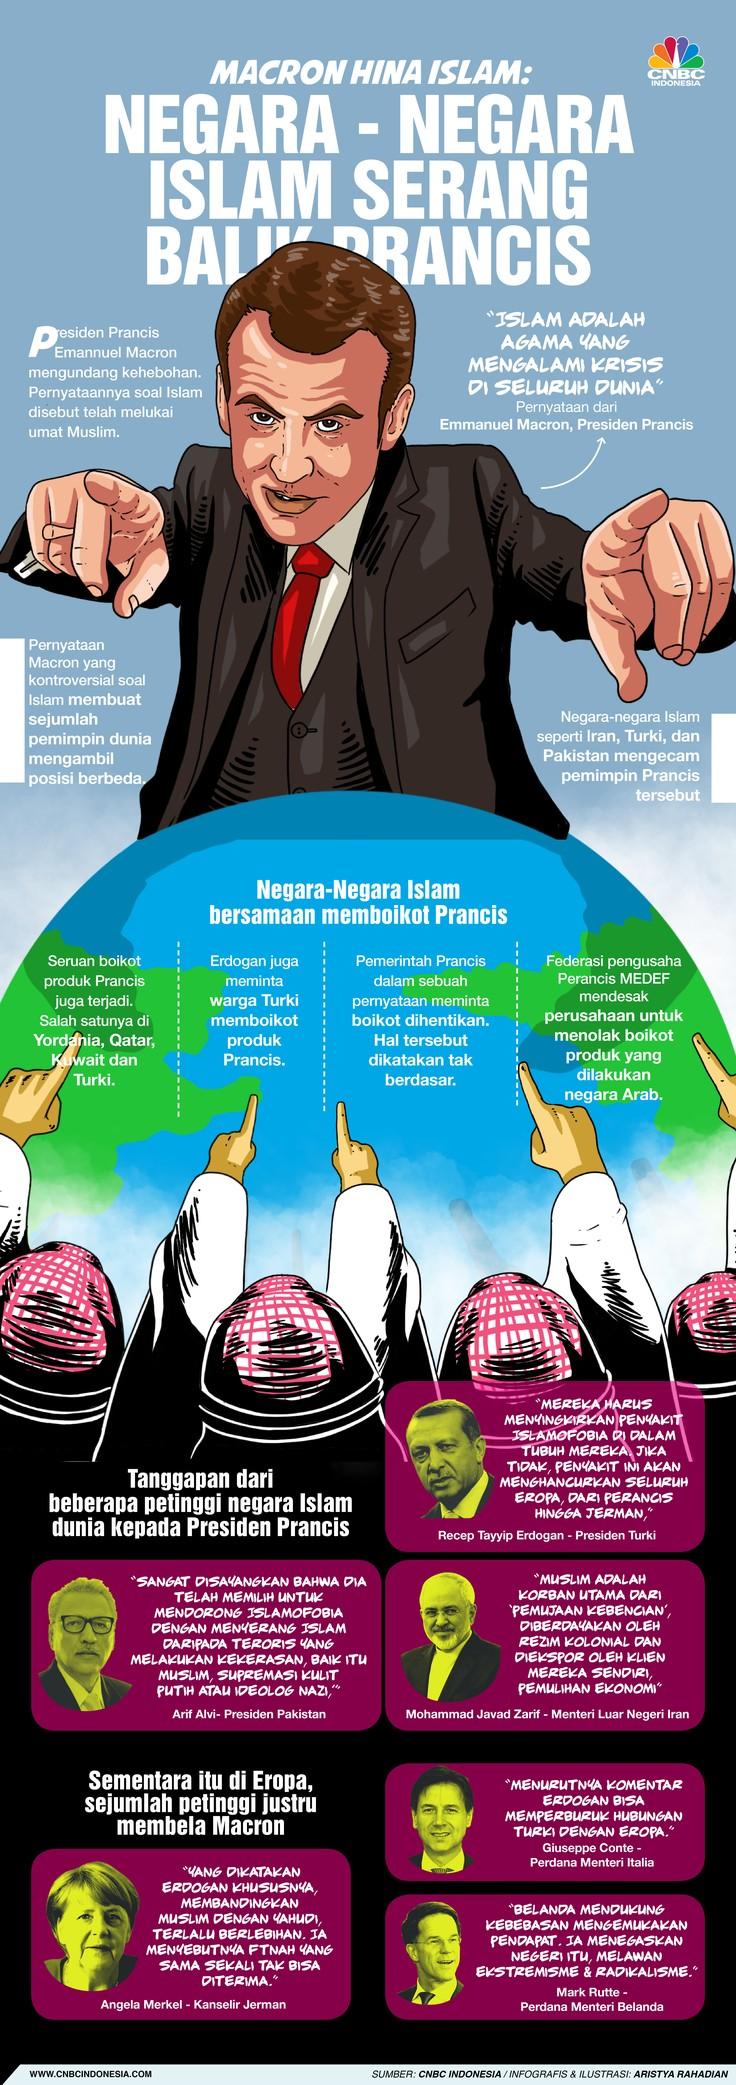 Infografis/ Macron Hina Islam: Negara - Negara Islam Serang  Balik Prancis/Aristya Rahadian